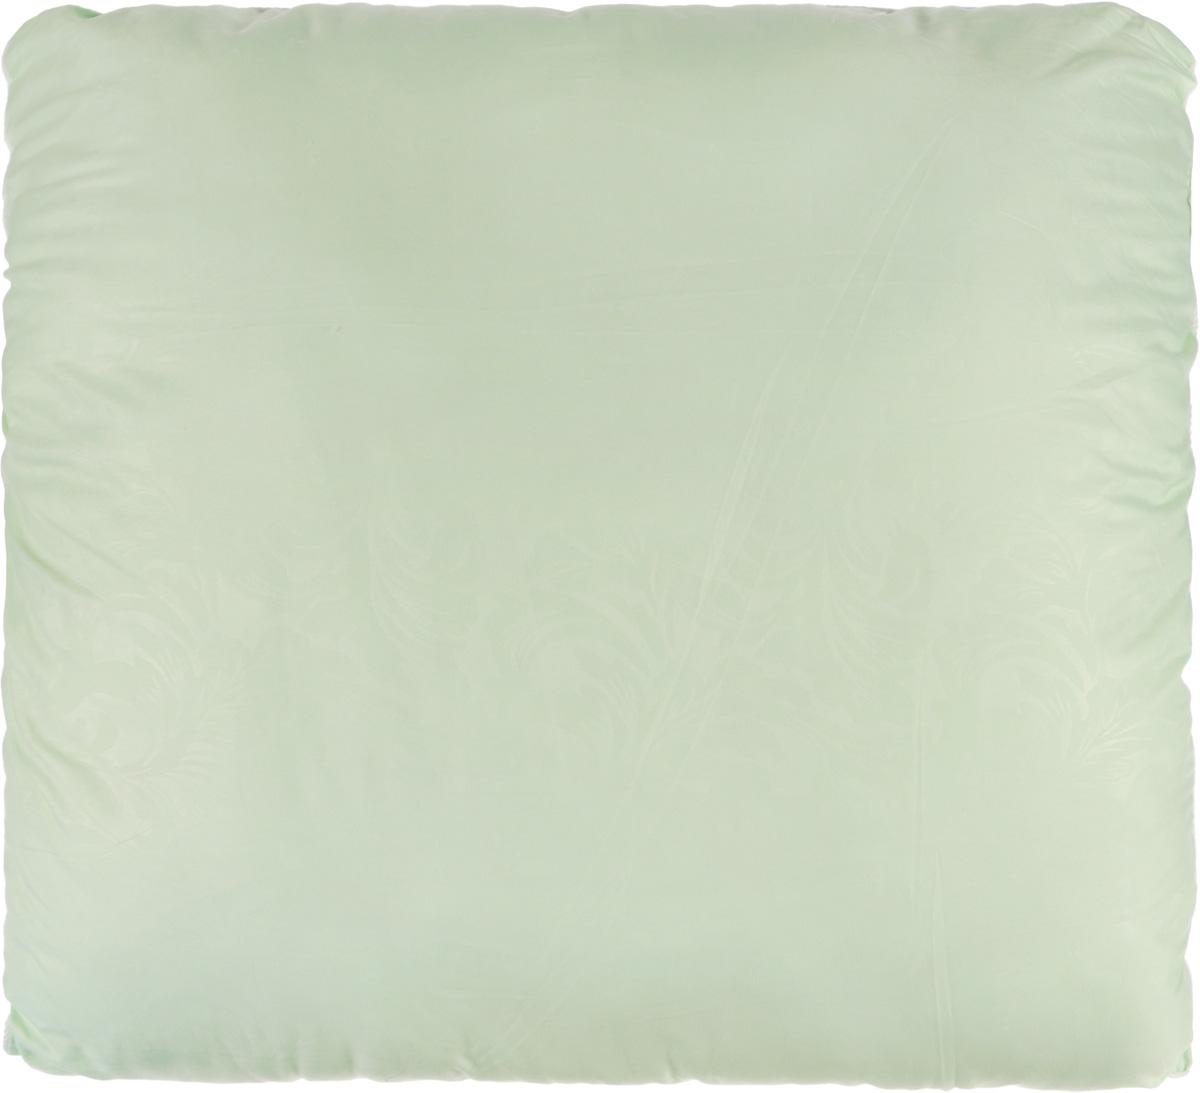 Подушка Smart Textile Безмятежность, наполнитель: лебяжий пух, цвет: светло-зеленый, 70 х 70 смНВЛ-45 PDreamУдобная и мягкая подушка Smart Textile Безмятежность подарит здоровый сон и отличный отдых. Чехол подушки на молнии выполнен из микрофибры с красивым узором. В качестве наполнителя используется лебяжий пух. Лебяжий пух - это 100% сверхтонкое высокосиликонизированное волокно. Такой наполнитель мягкий, приятный на ощупь и гипоаллергенный. Подушка удобна в эксплуатации: легко стирается, быстро сохнет, сохраняя первоначальные свойства, устойчива к воздействию прямых солнечных лучей, износостойка и прочна. Изделие обладает высокой теплоизоляционной способностью - не вызывает перегрева головы. Подушка обеспечит правильную поддержку головы и шеи во время сна. Наполнитель не сбивается в комки и сохраняет тепло. Подушка с этим наполнителем подойдет людям, склонным к аллергии, так как отталкивает пыль и не впитывает запахи.